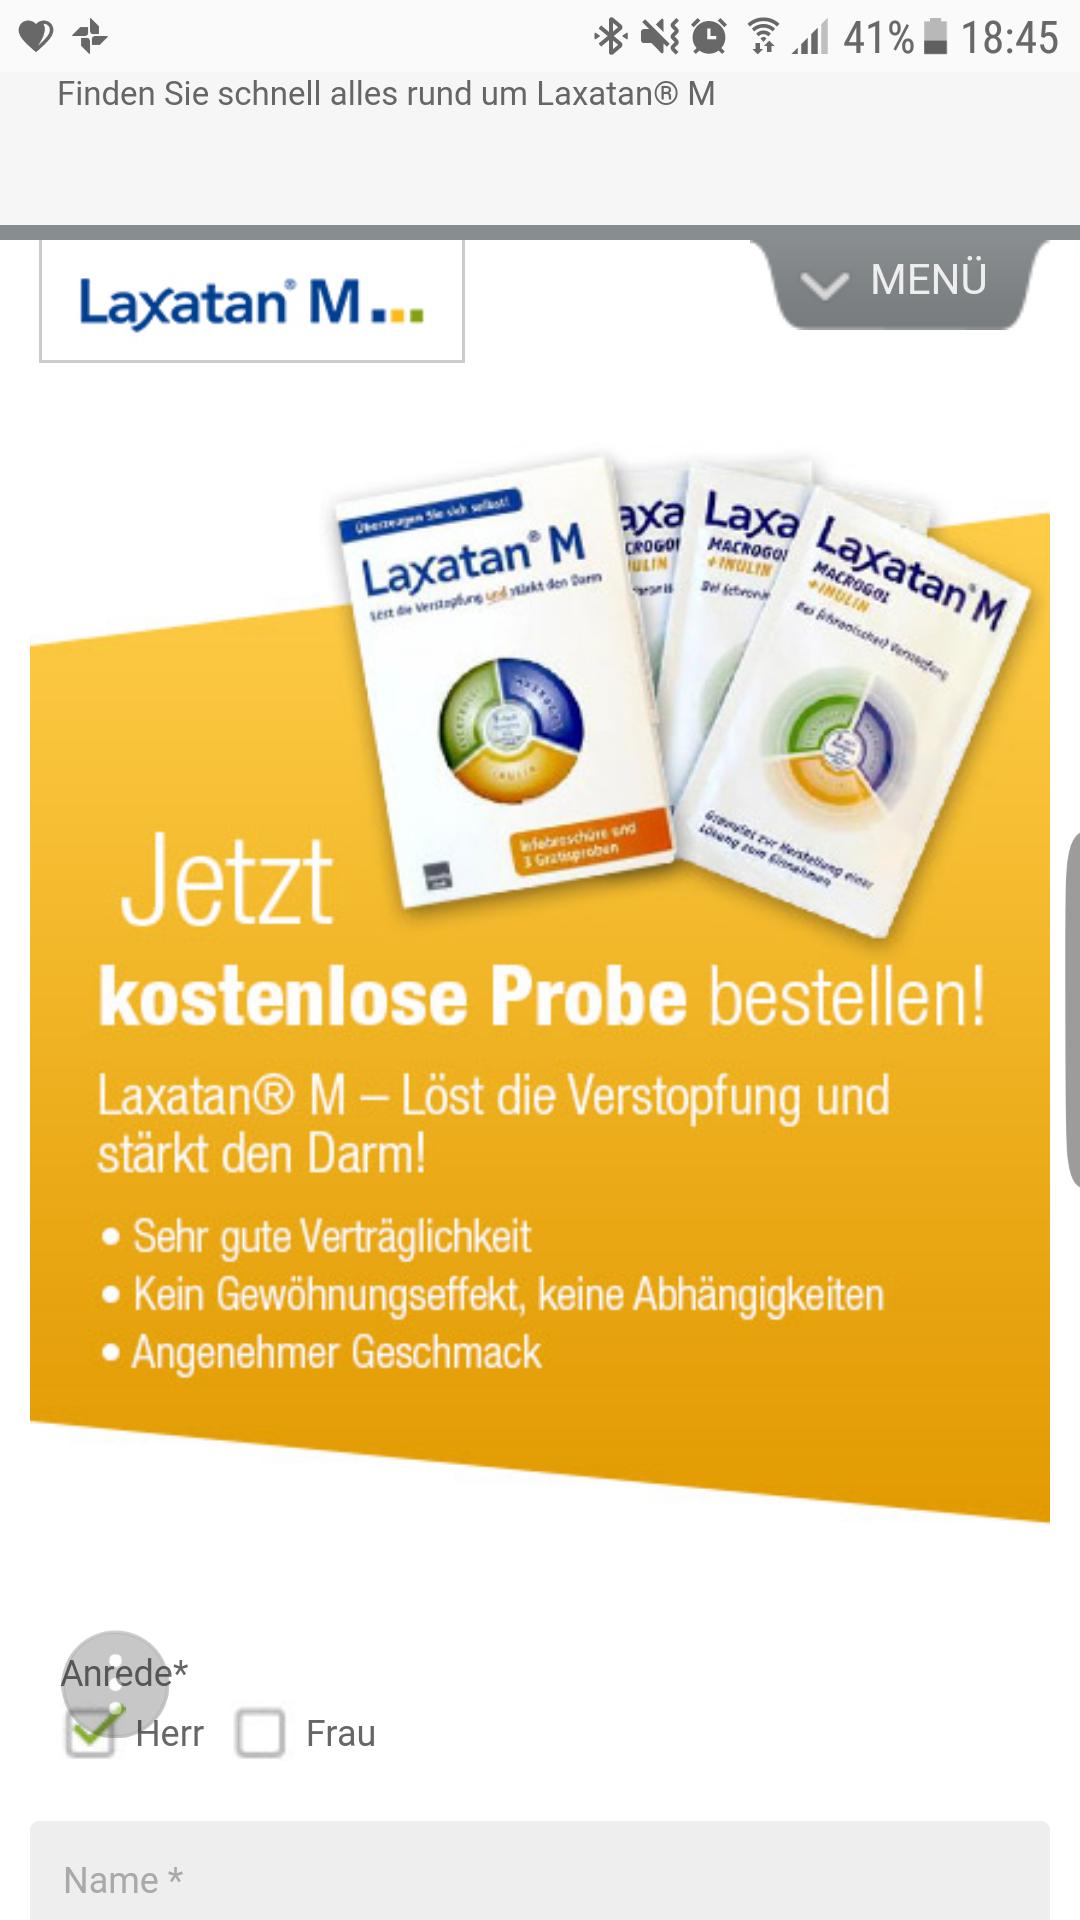 Gratis Laxatan M Probe (gegen Verstopfung)